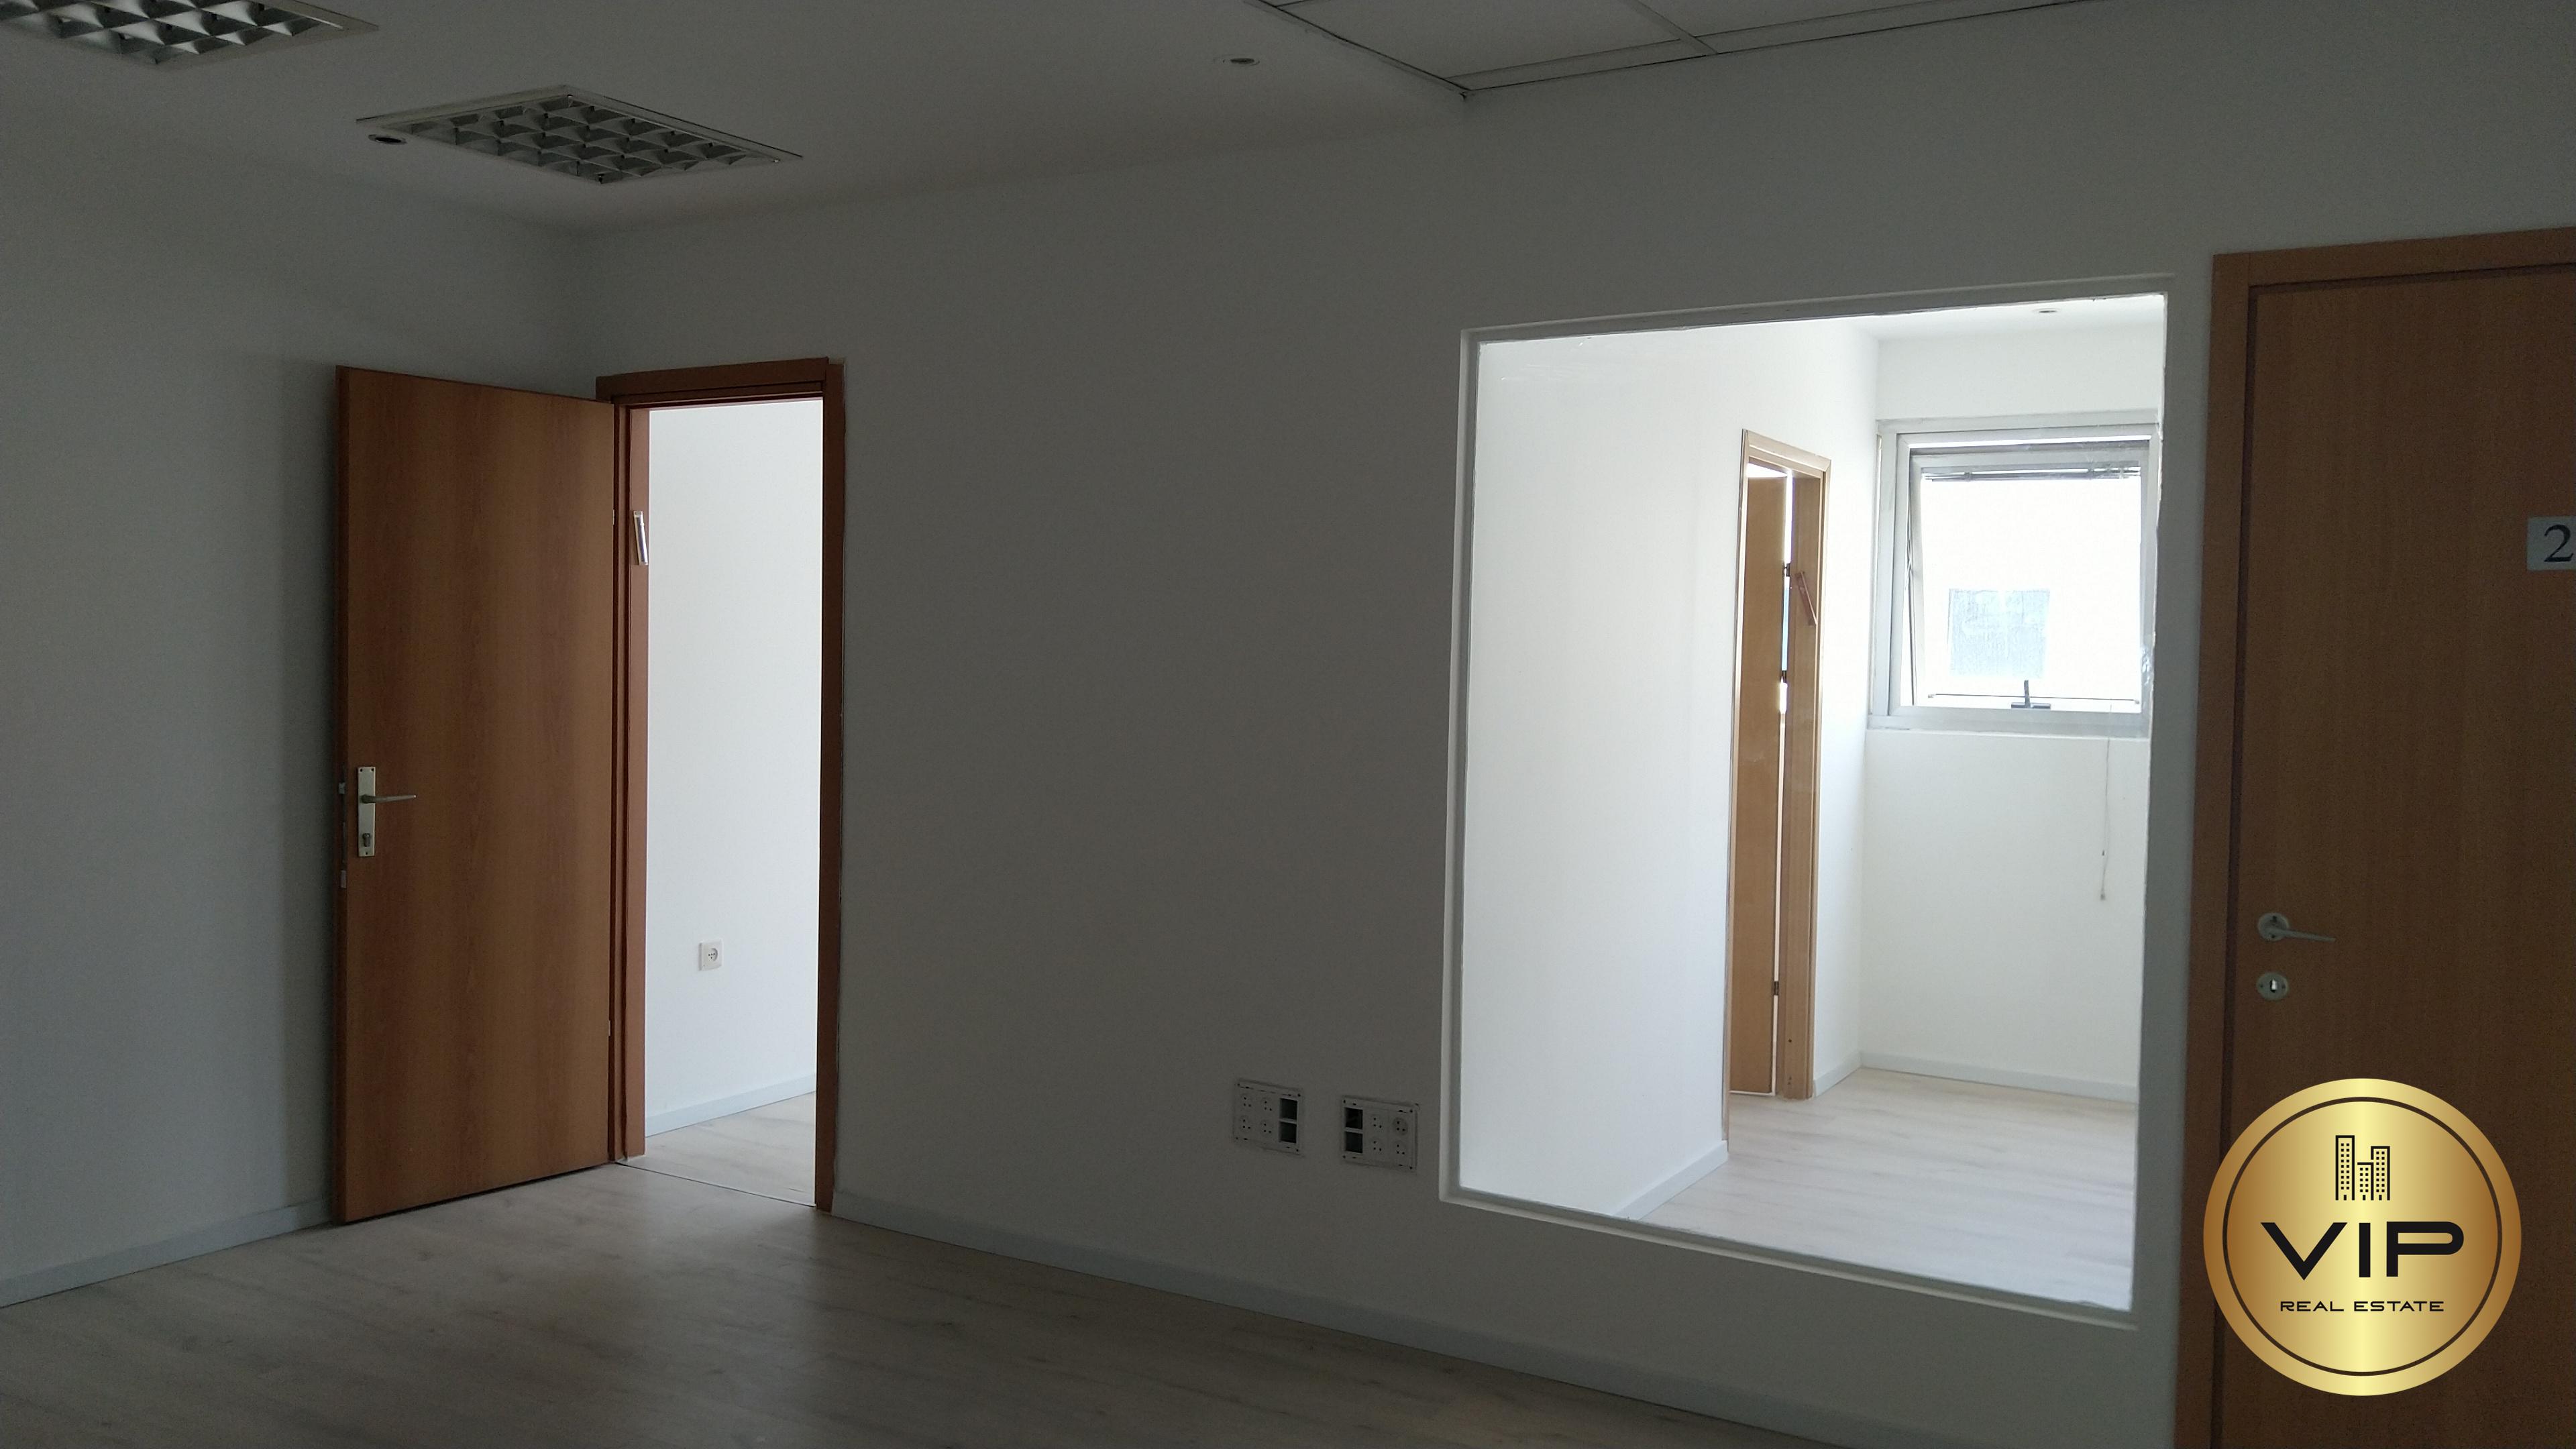 תמונה 1 ,משרדים להשכרה משרדים להשכרה בצפון תל אביב ,רחוב הברזל 125 מר משרד מואר  רמת החייל תל אביב יפו